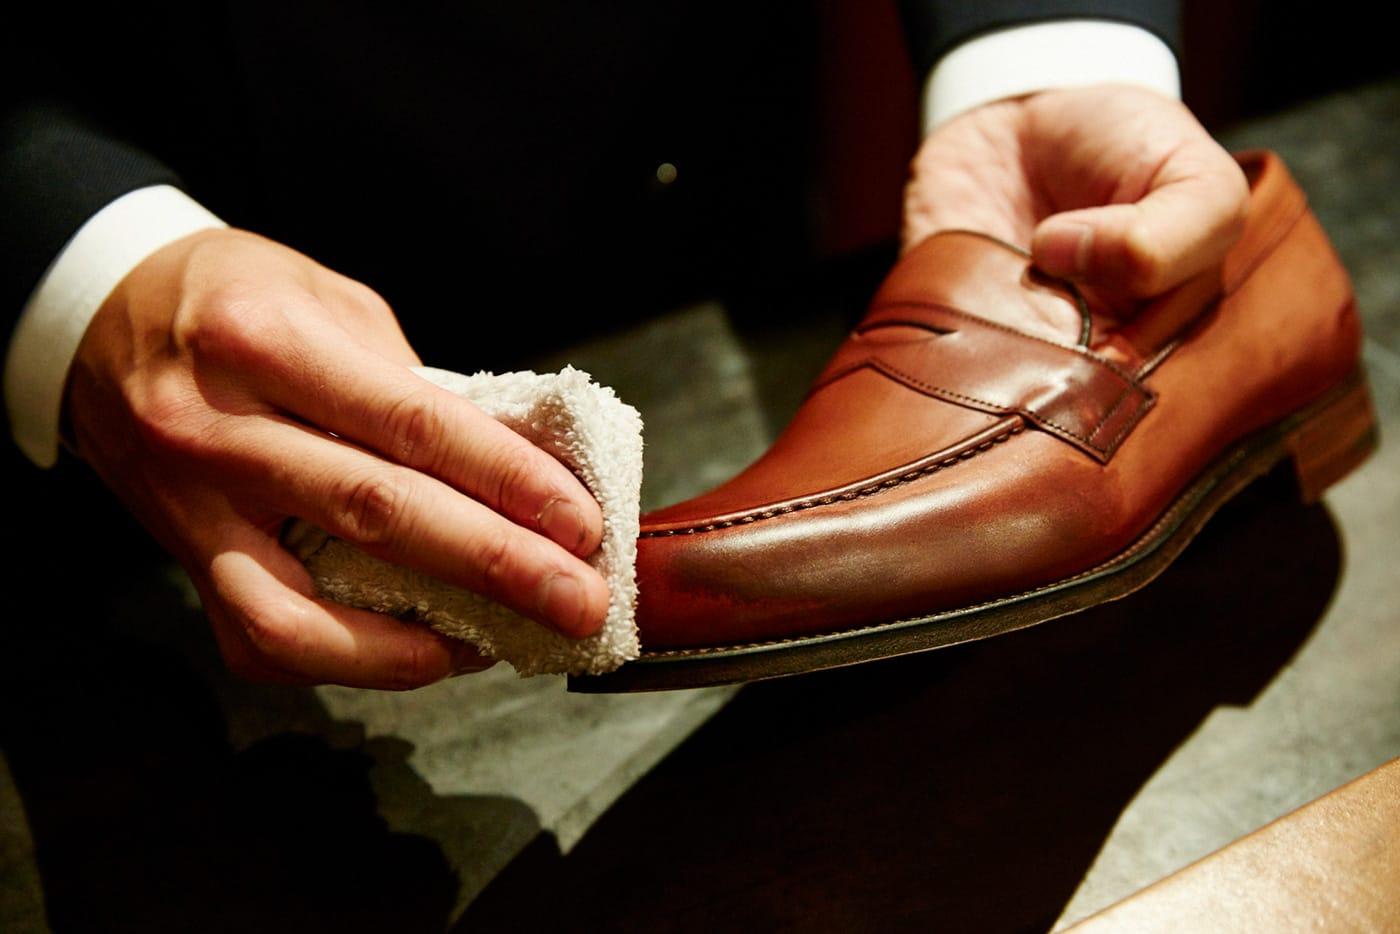 Brift H 長谷川 裕也氏に聞く、濡れた革靴のメンテナンス方法